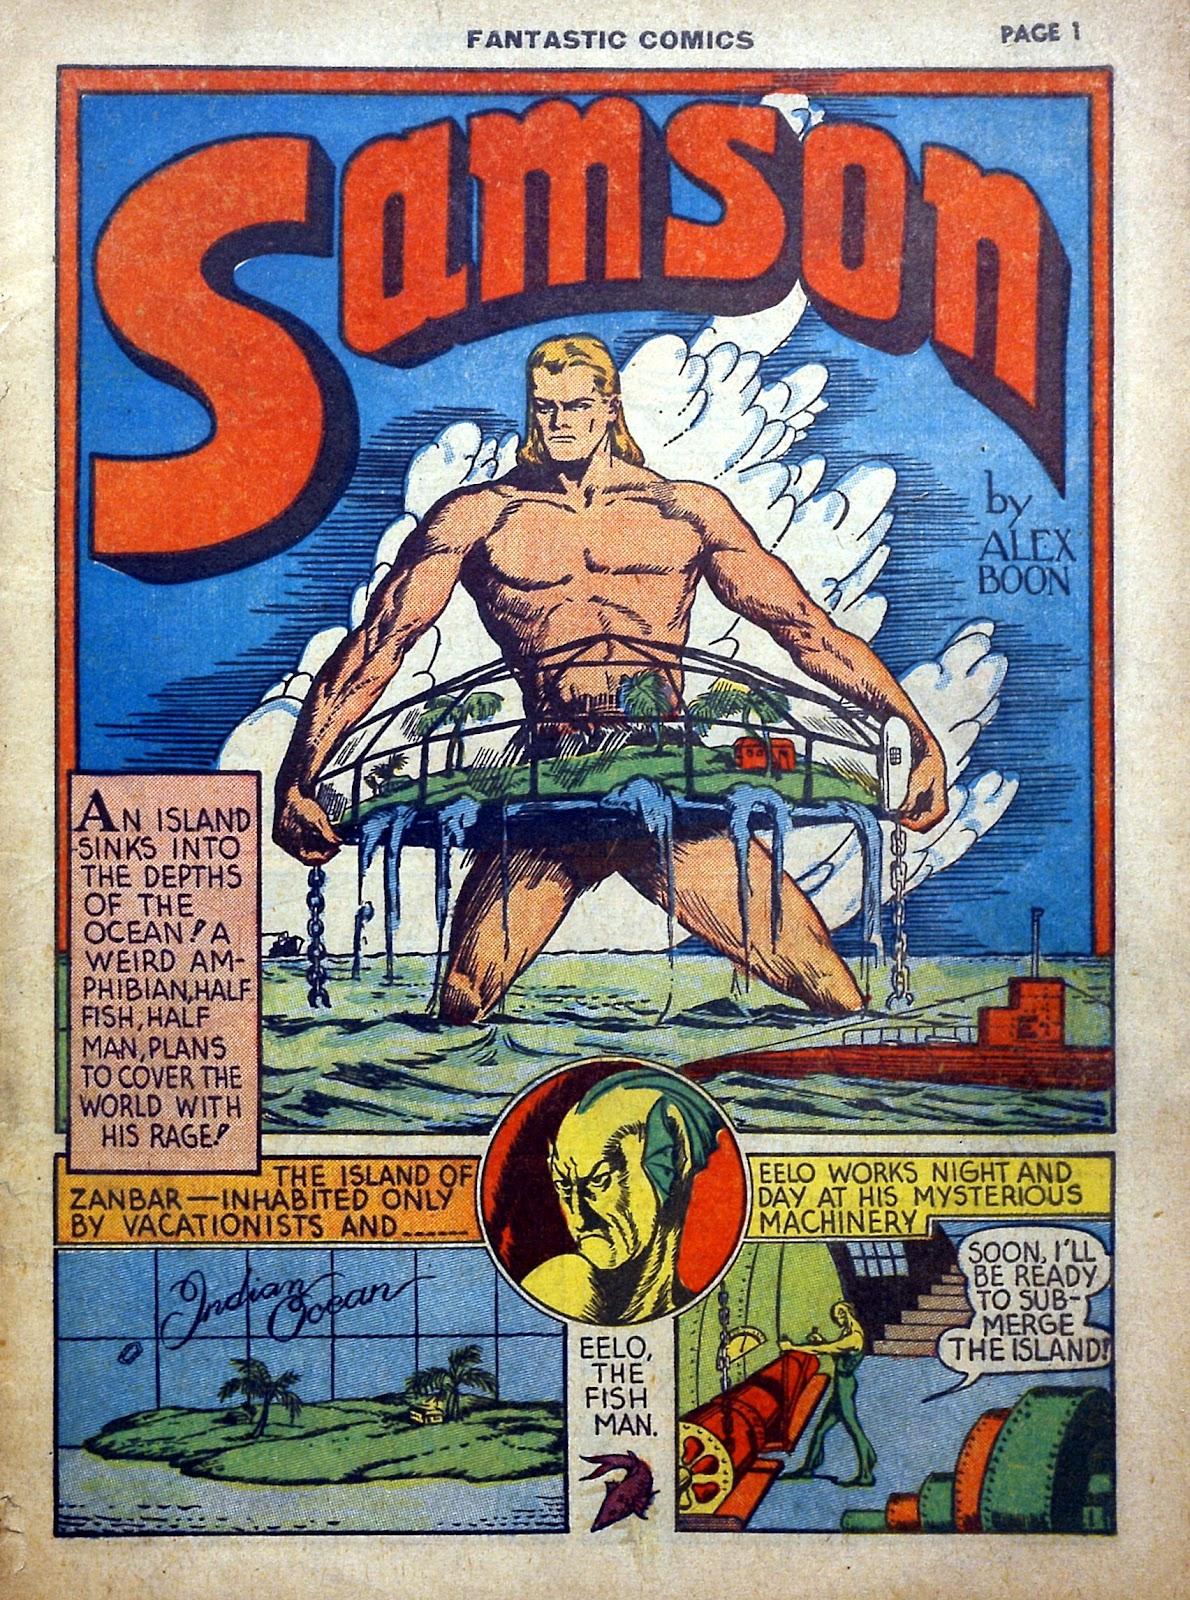 Read online Fantastic Comics comic -  Issue #5 - 2